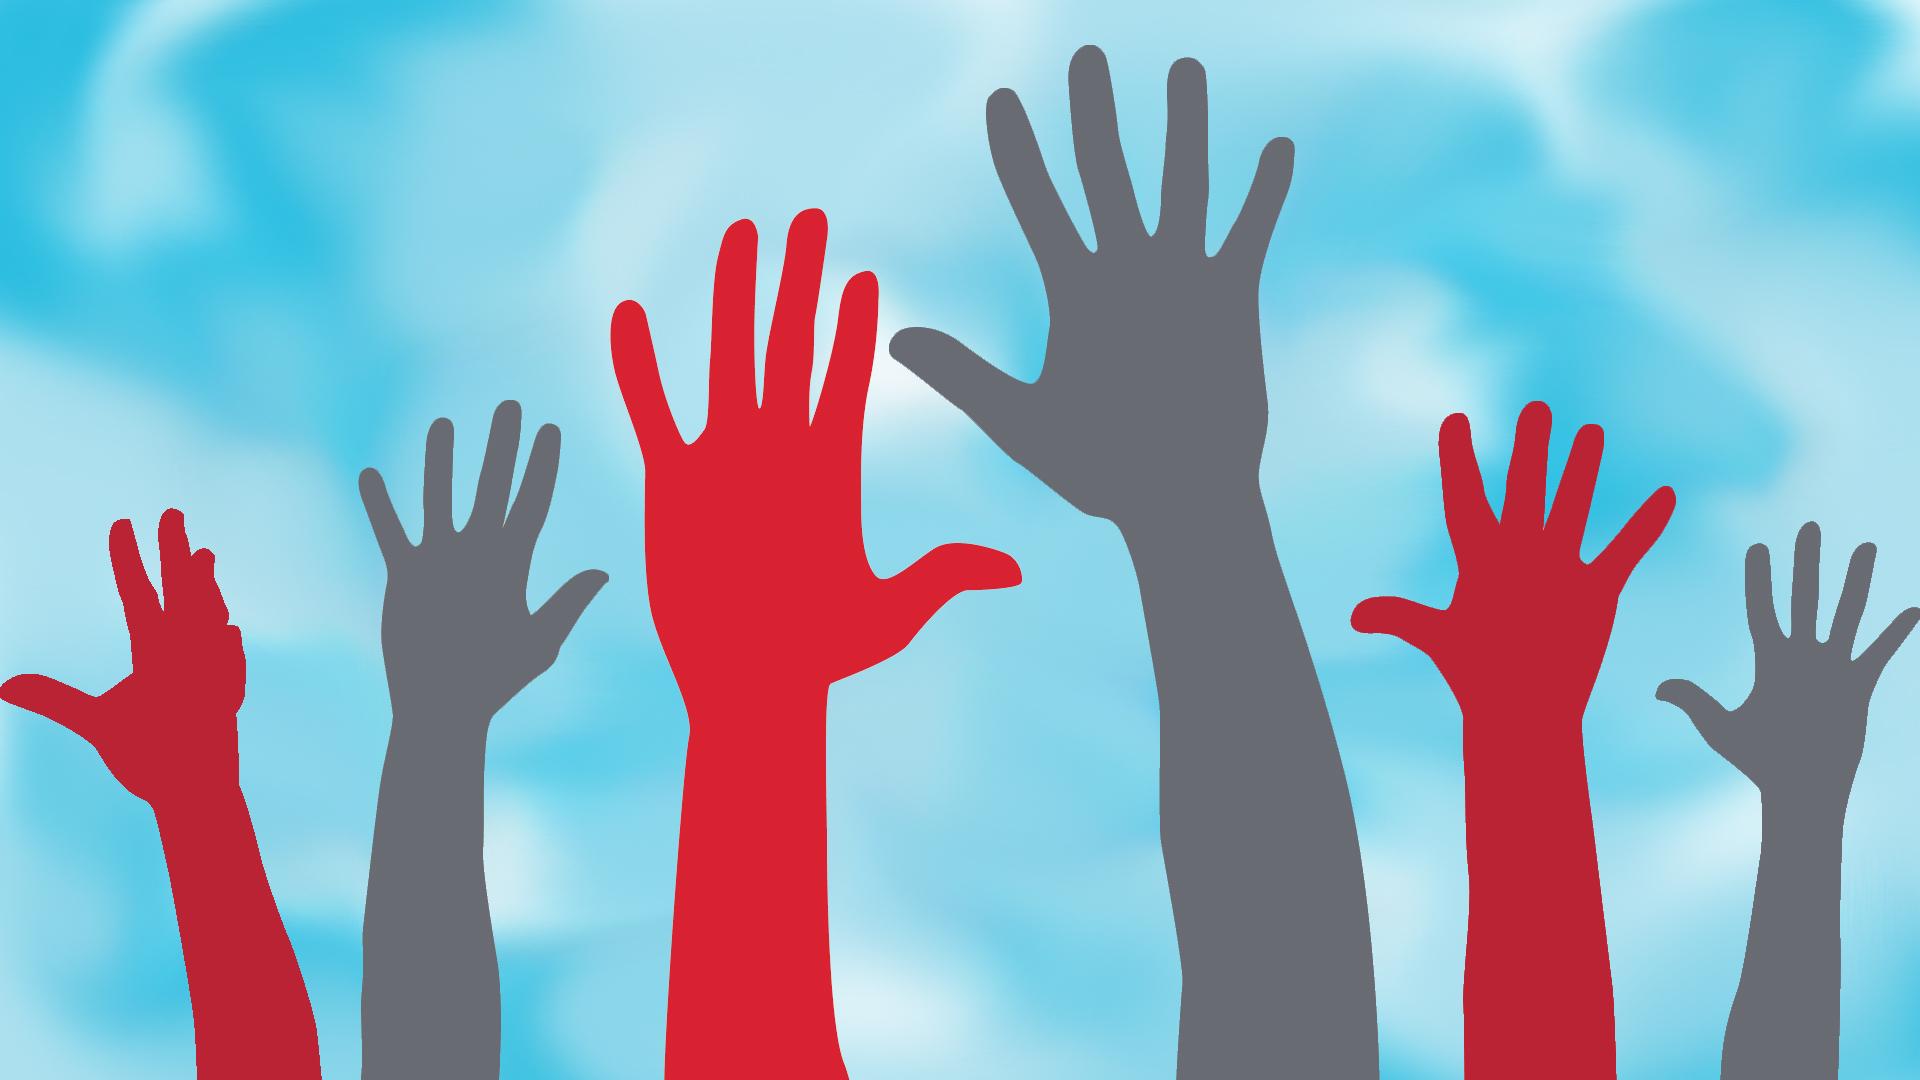 На форуме «Молодежь и выборы» в Твери пройдет тематическое ток-шоу